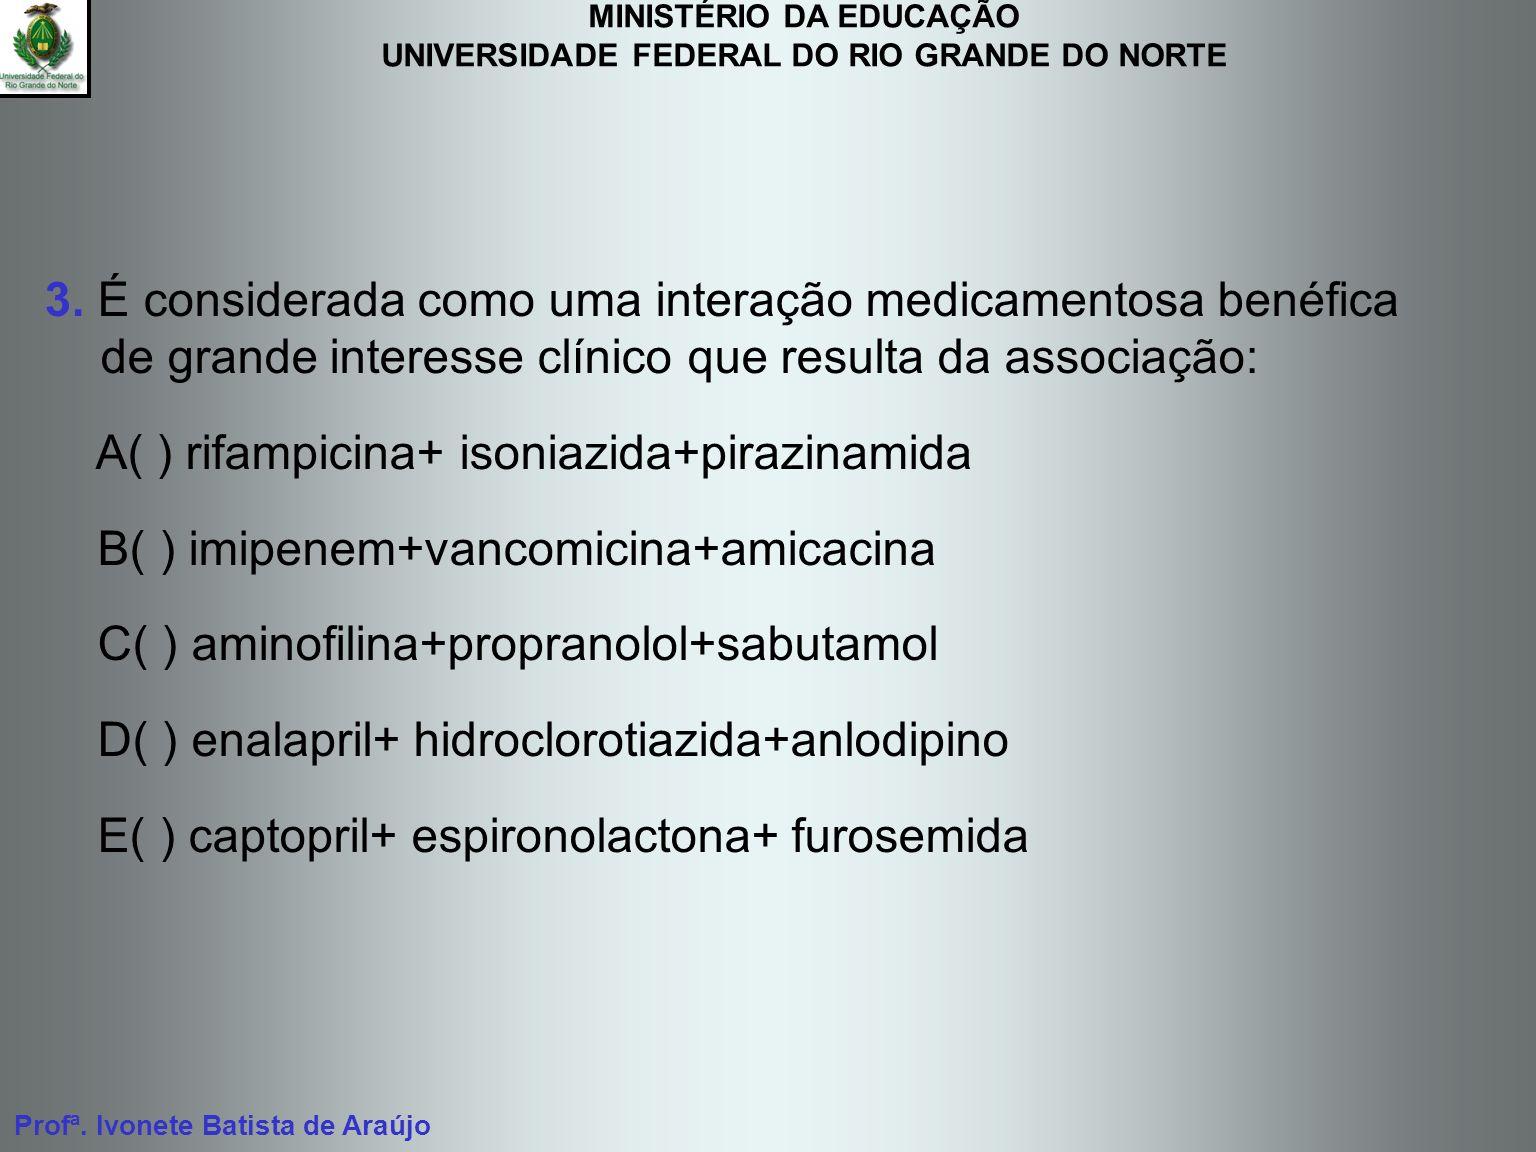 MINISTÉRIO DA EDUCAÇÃO UNIVERSIDADE FEDERAL DO RIO GRANDE DO NORTE Profª. Ivonete Batista de Araújo 3. É considerada como uma interação medicamentosa